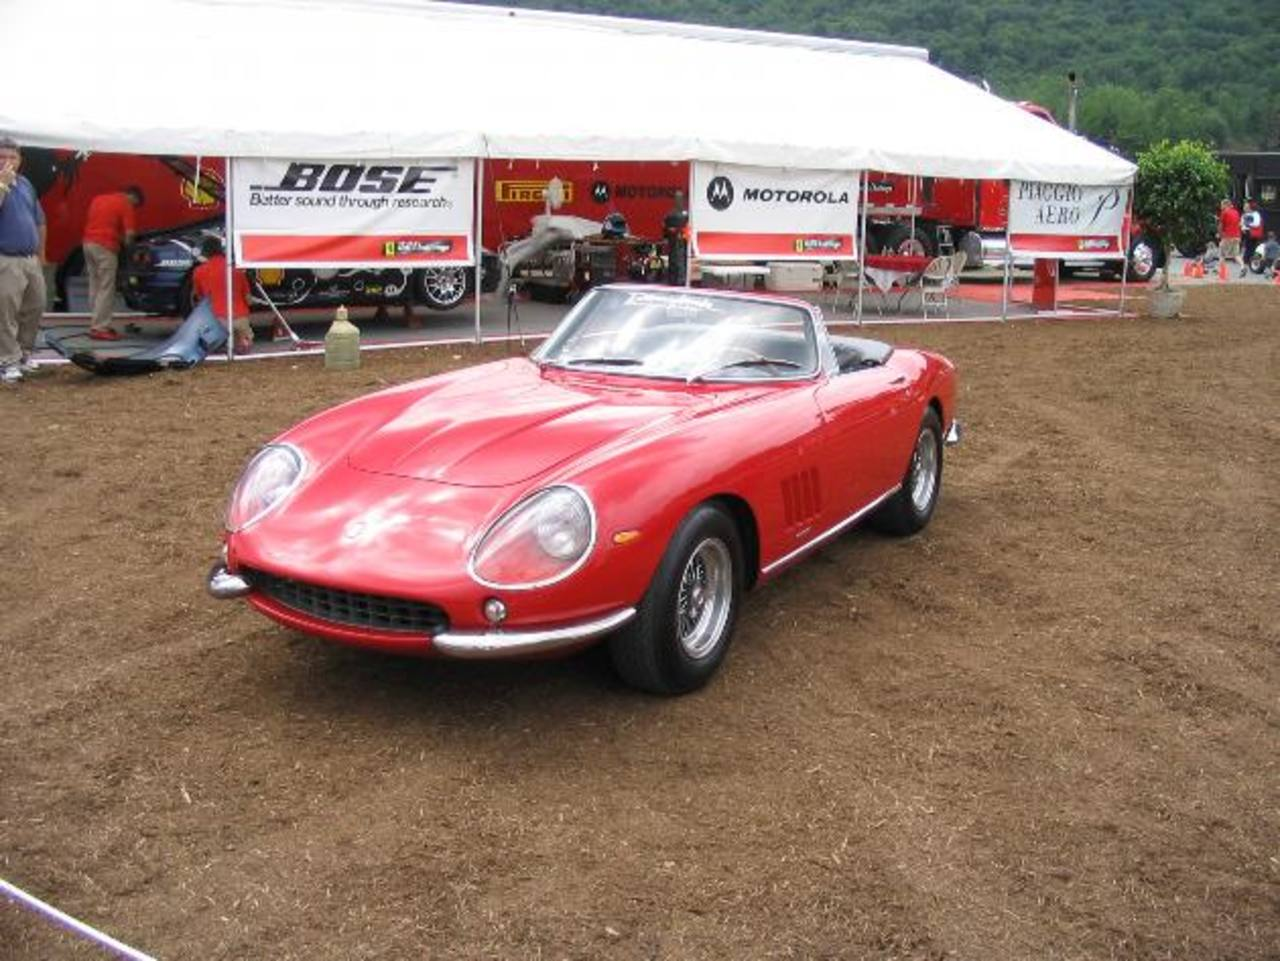 Auto es un Ferrari 275 GTB/4 SNART Spider.Foto EDH